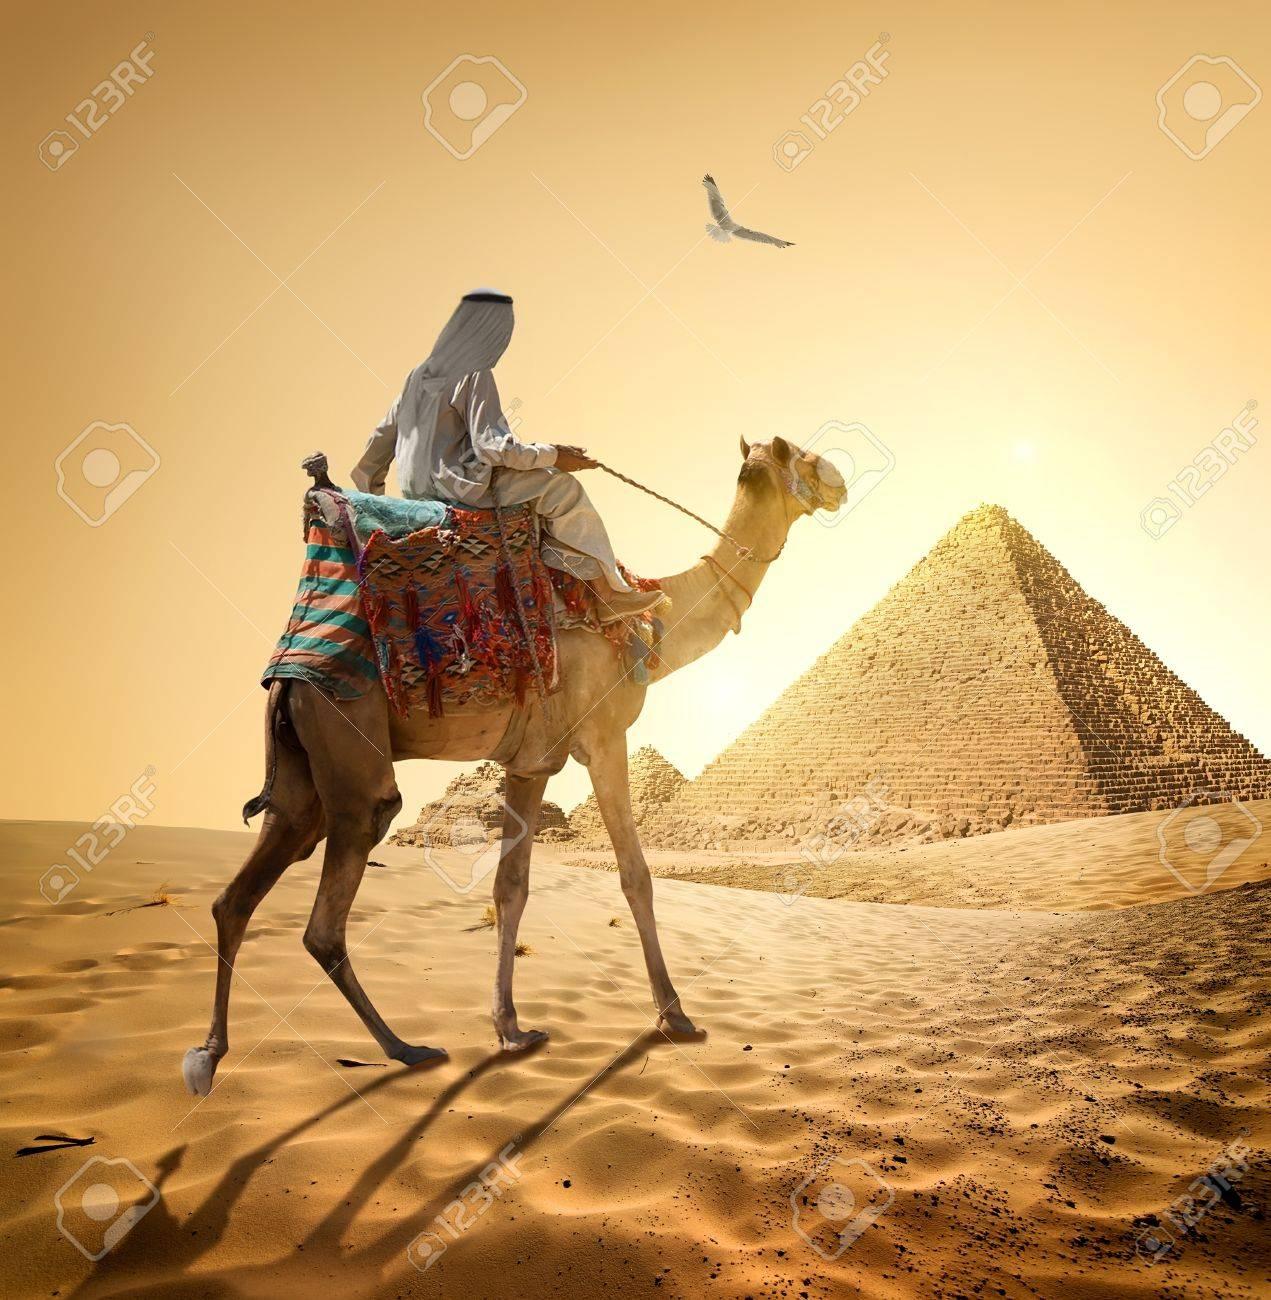 bilderfelix/® Bild auf Leinwand Beduine auf Kamel nahe Pyramiden und Ankh in der W/üste Wandbild Poster Leinwandbild UGP